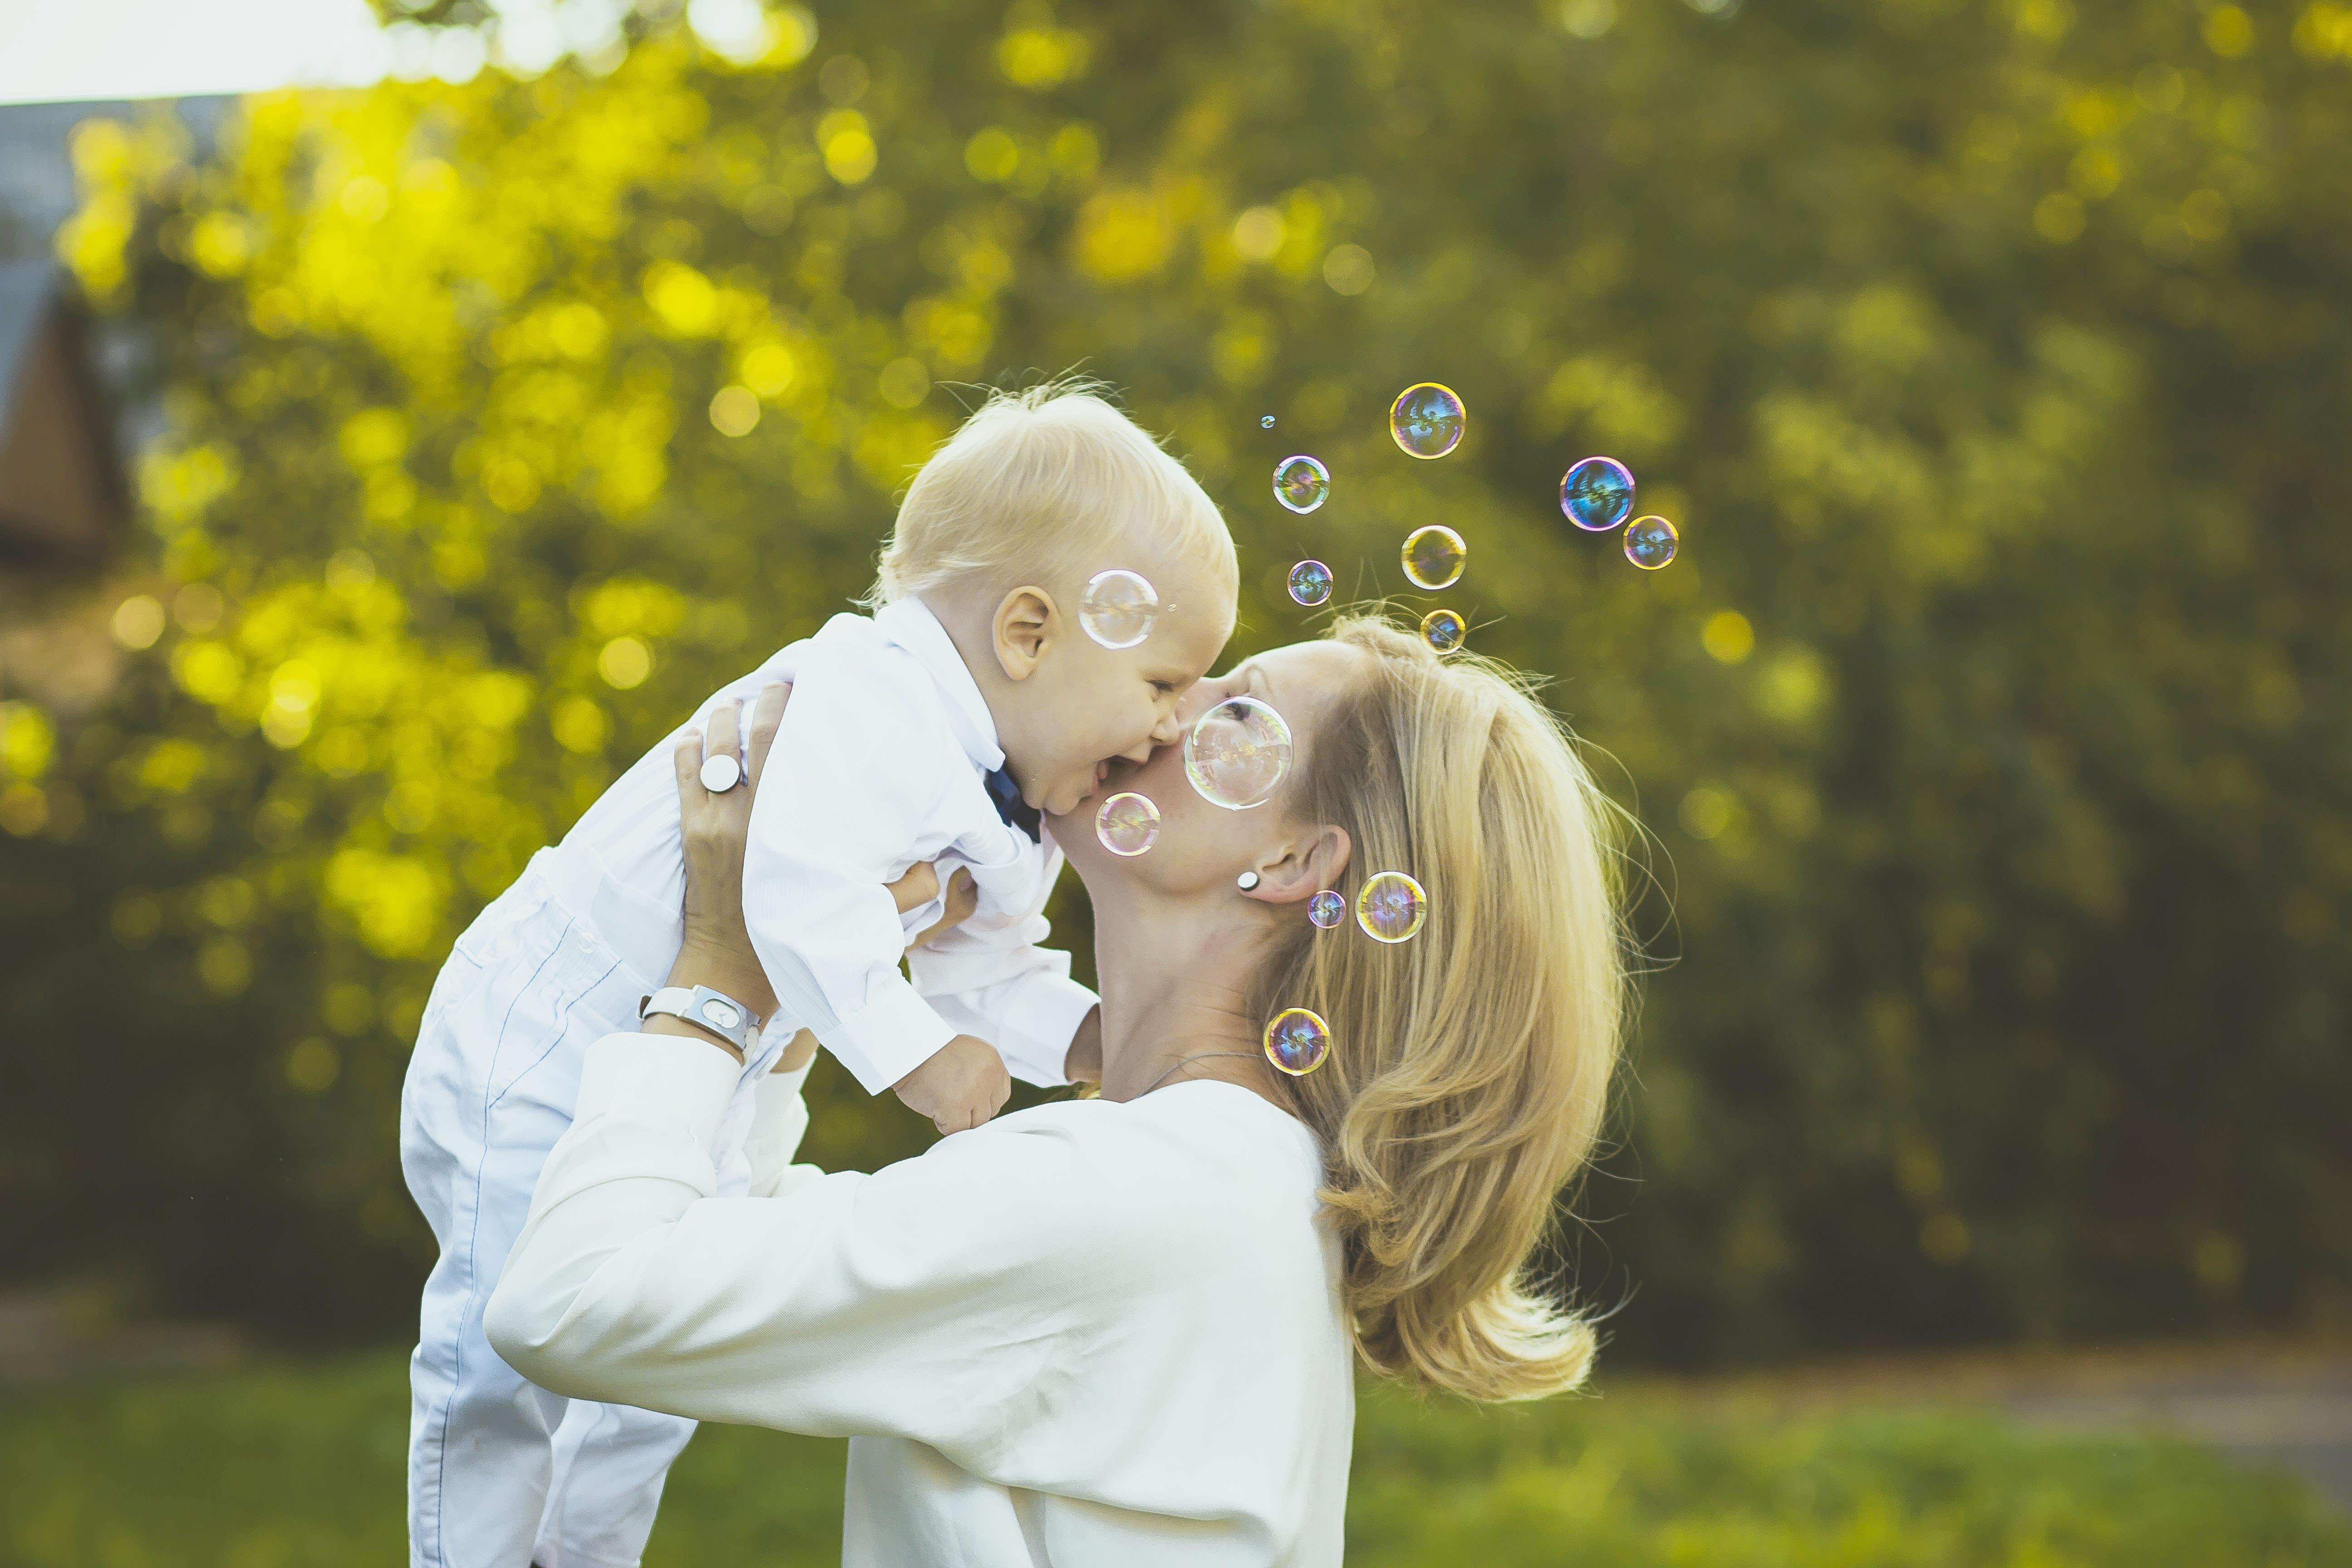 這樣獎勵孩子 寵壞我也超甘願 【愛與肯定才是最棒的獎勵】